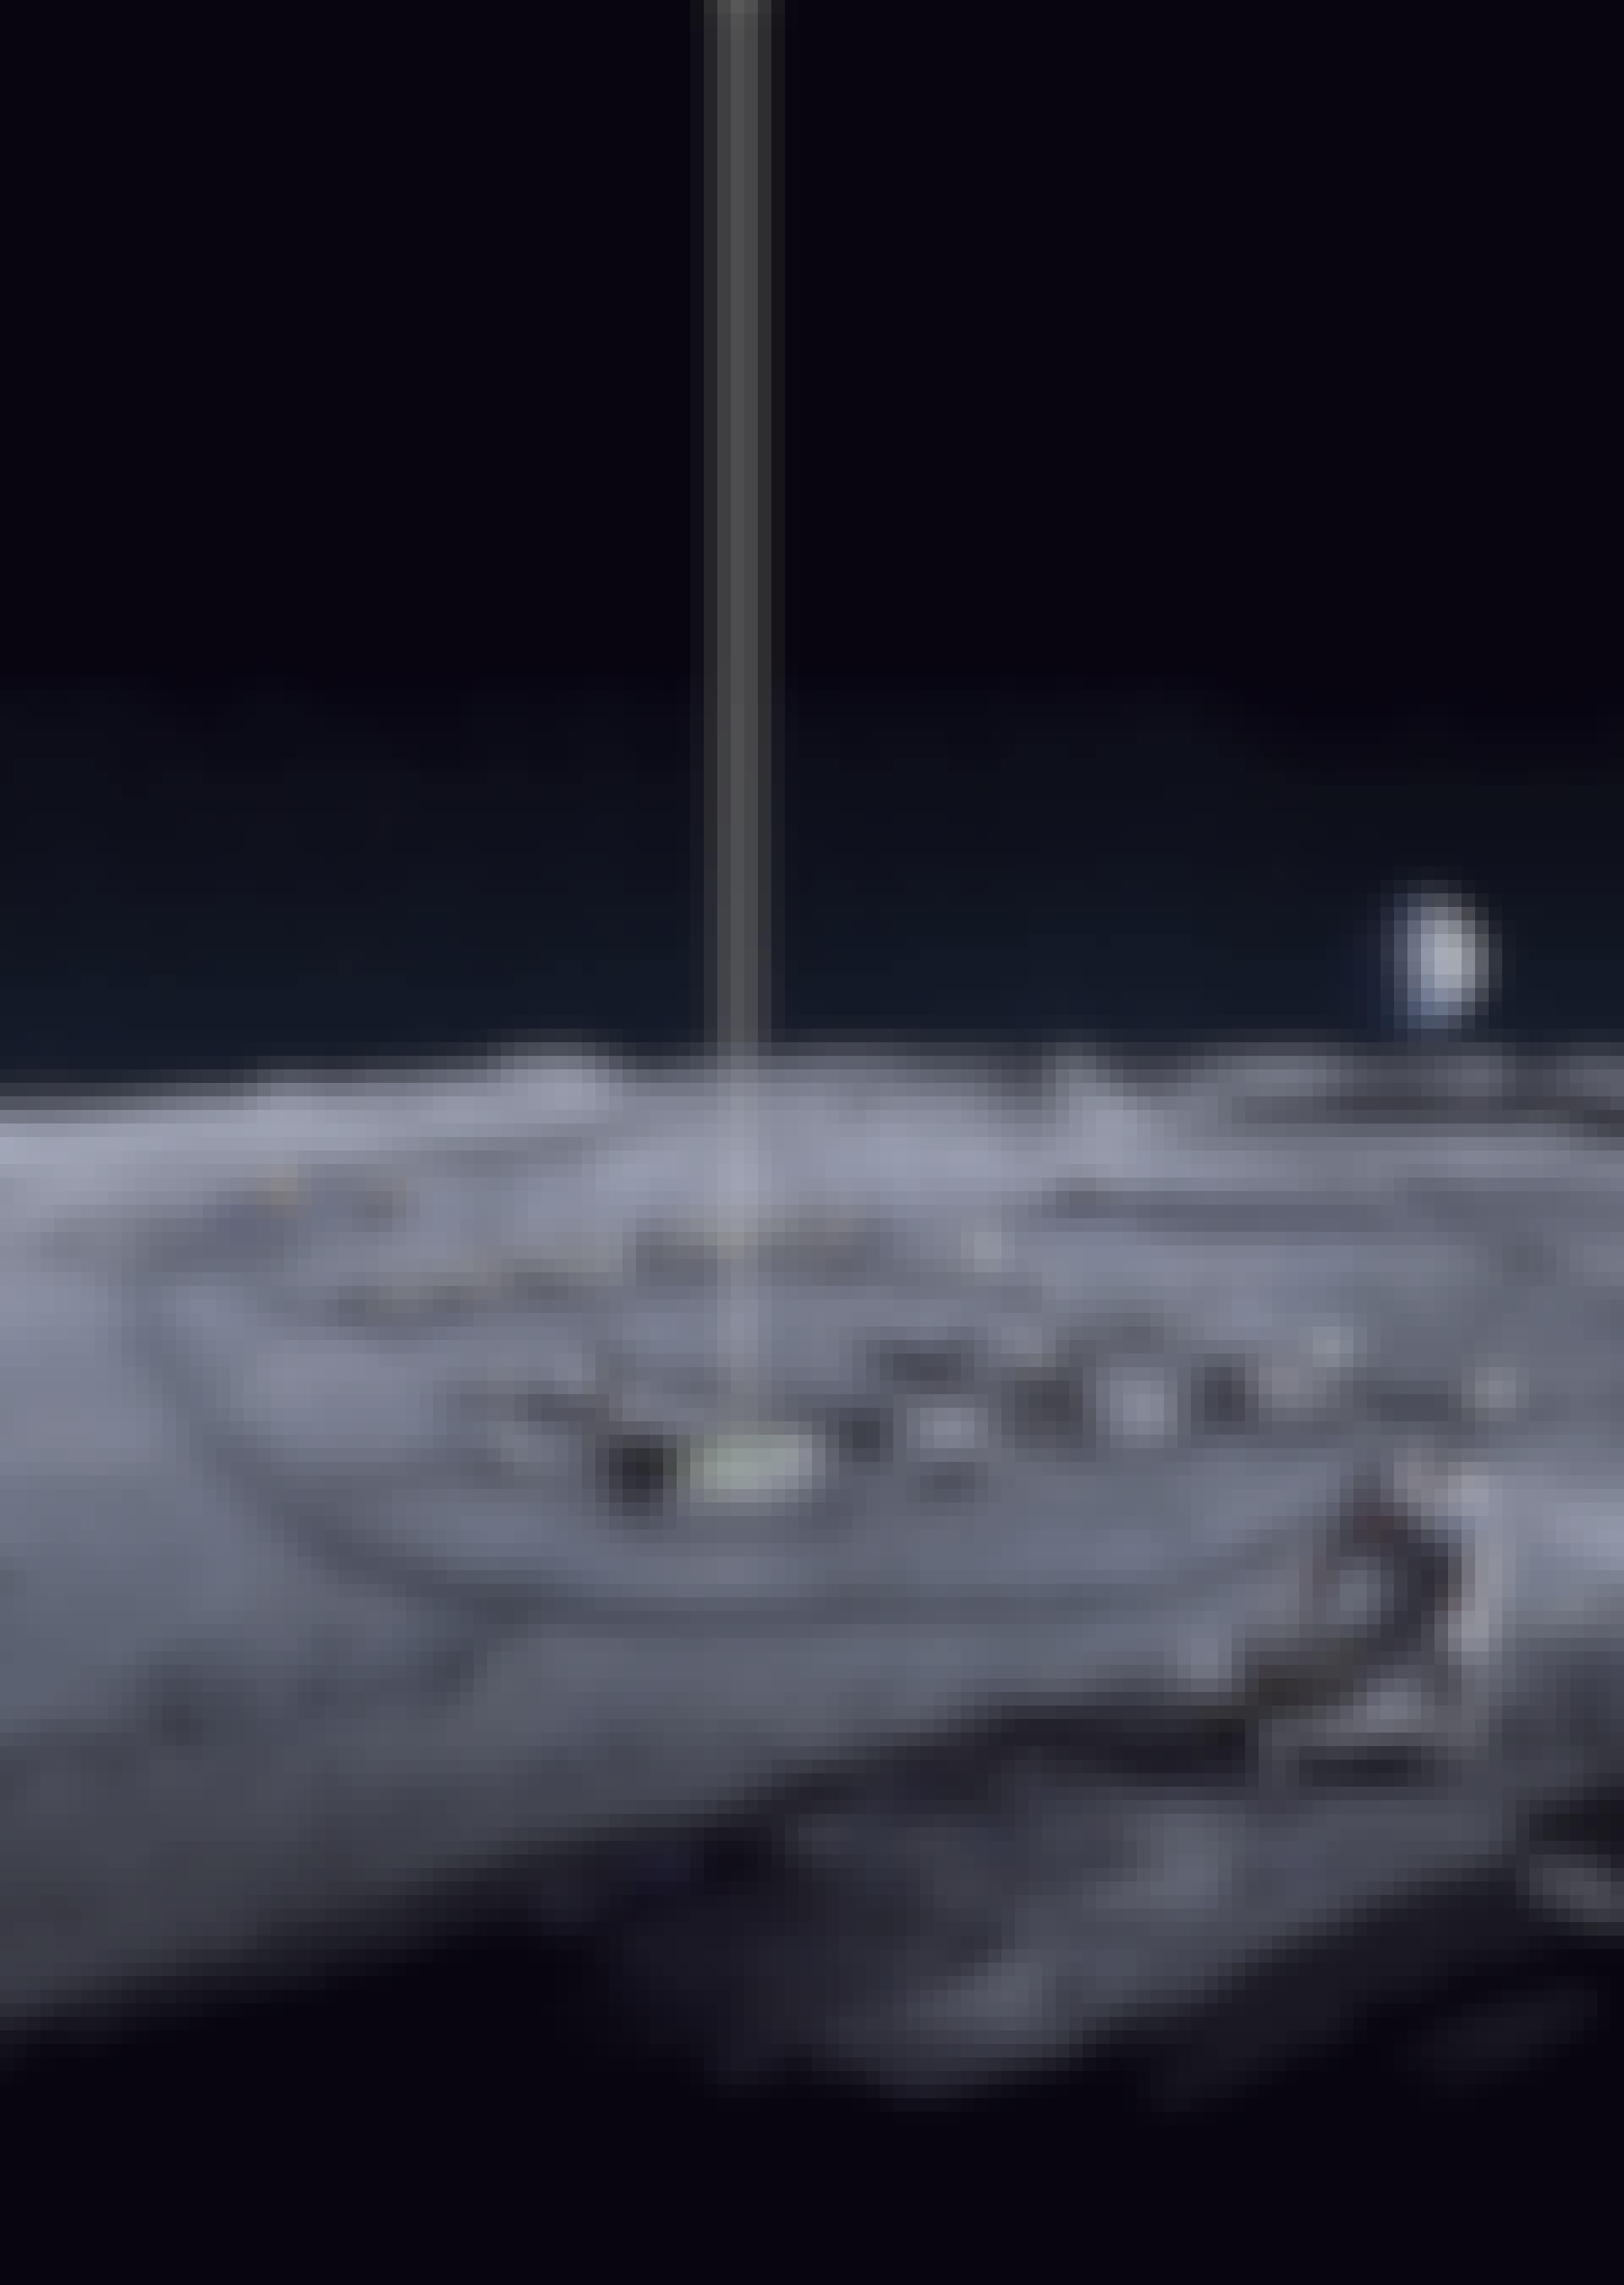 Månebase - mad